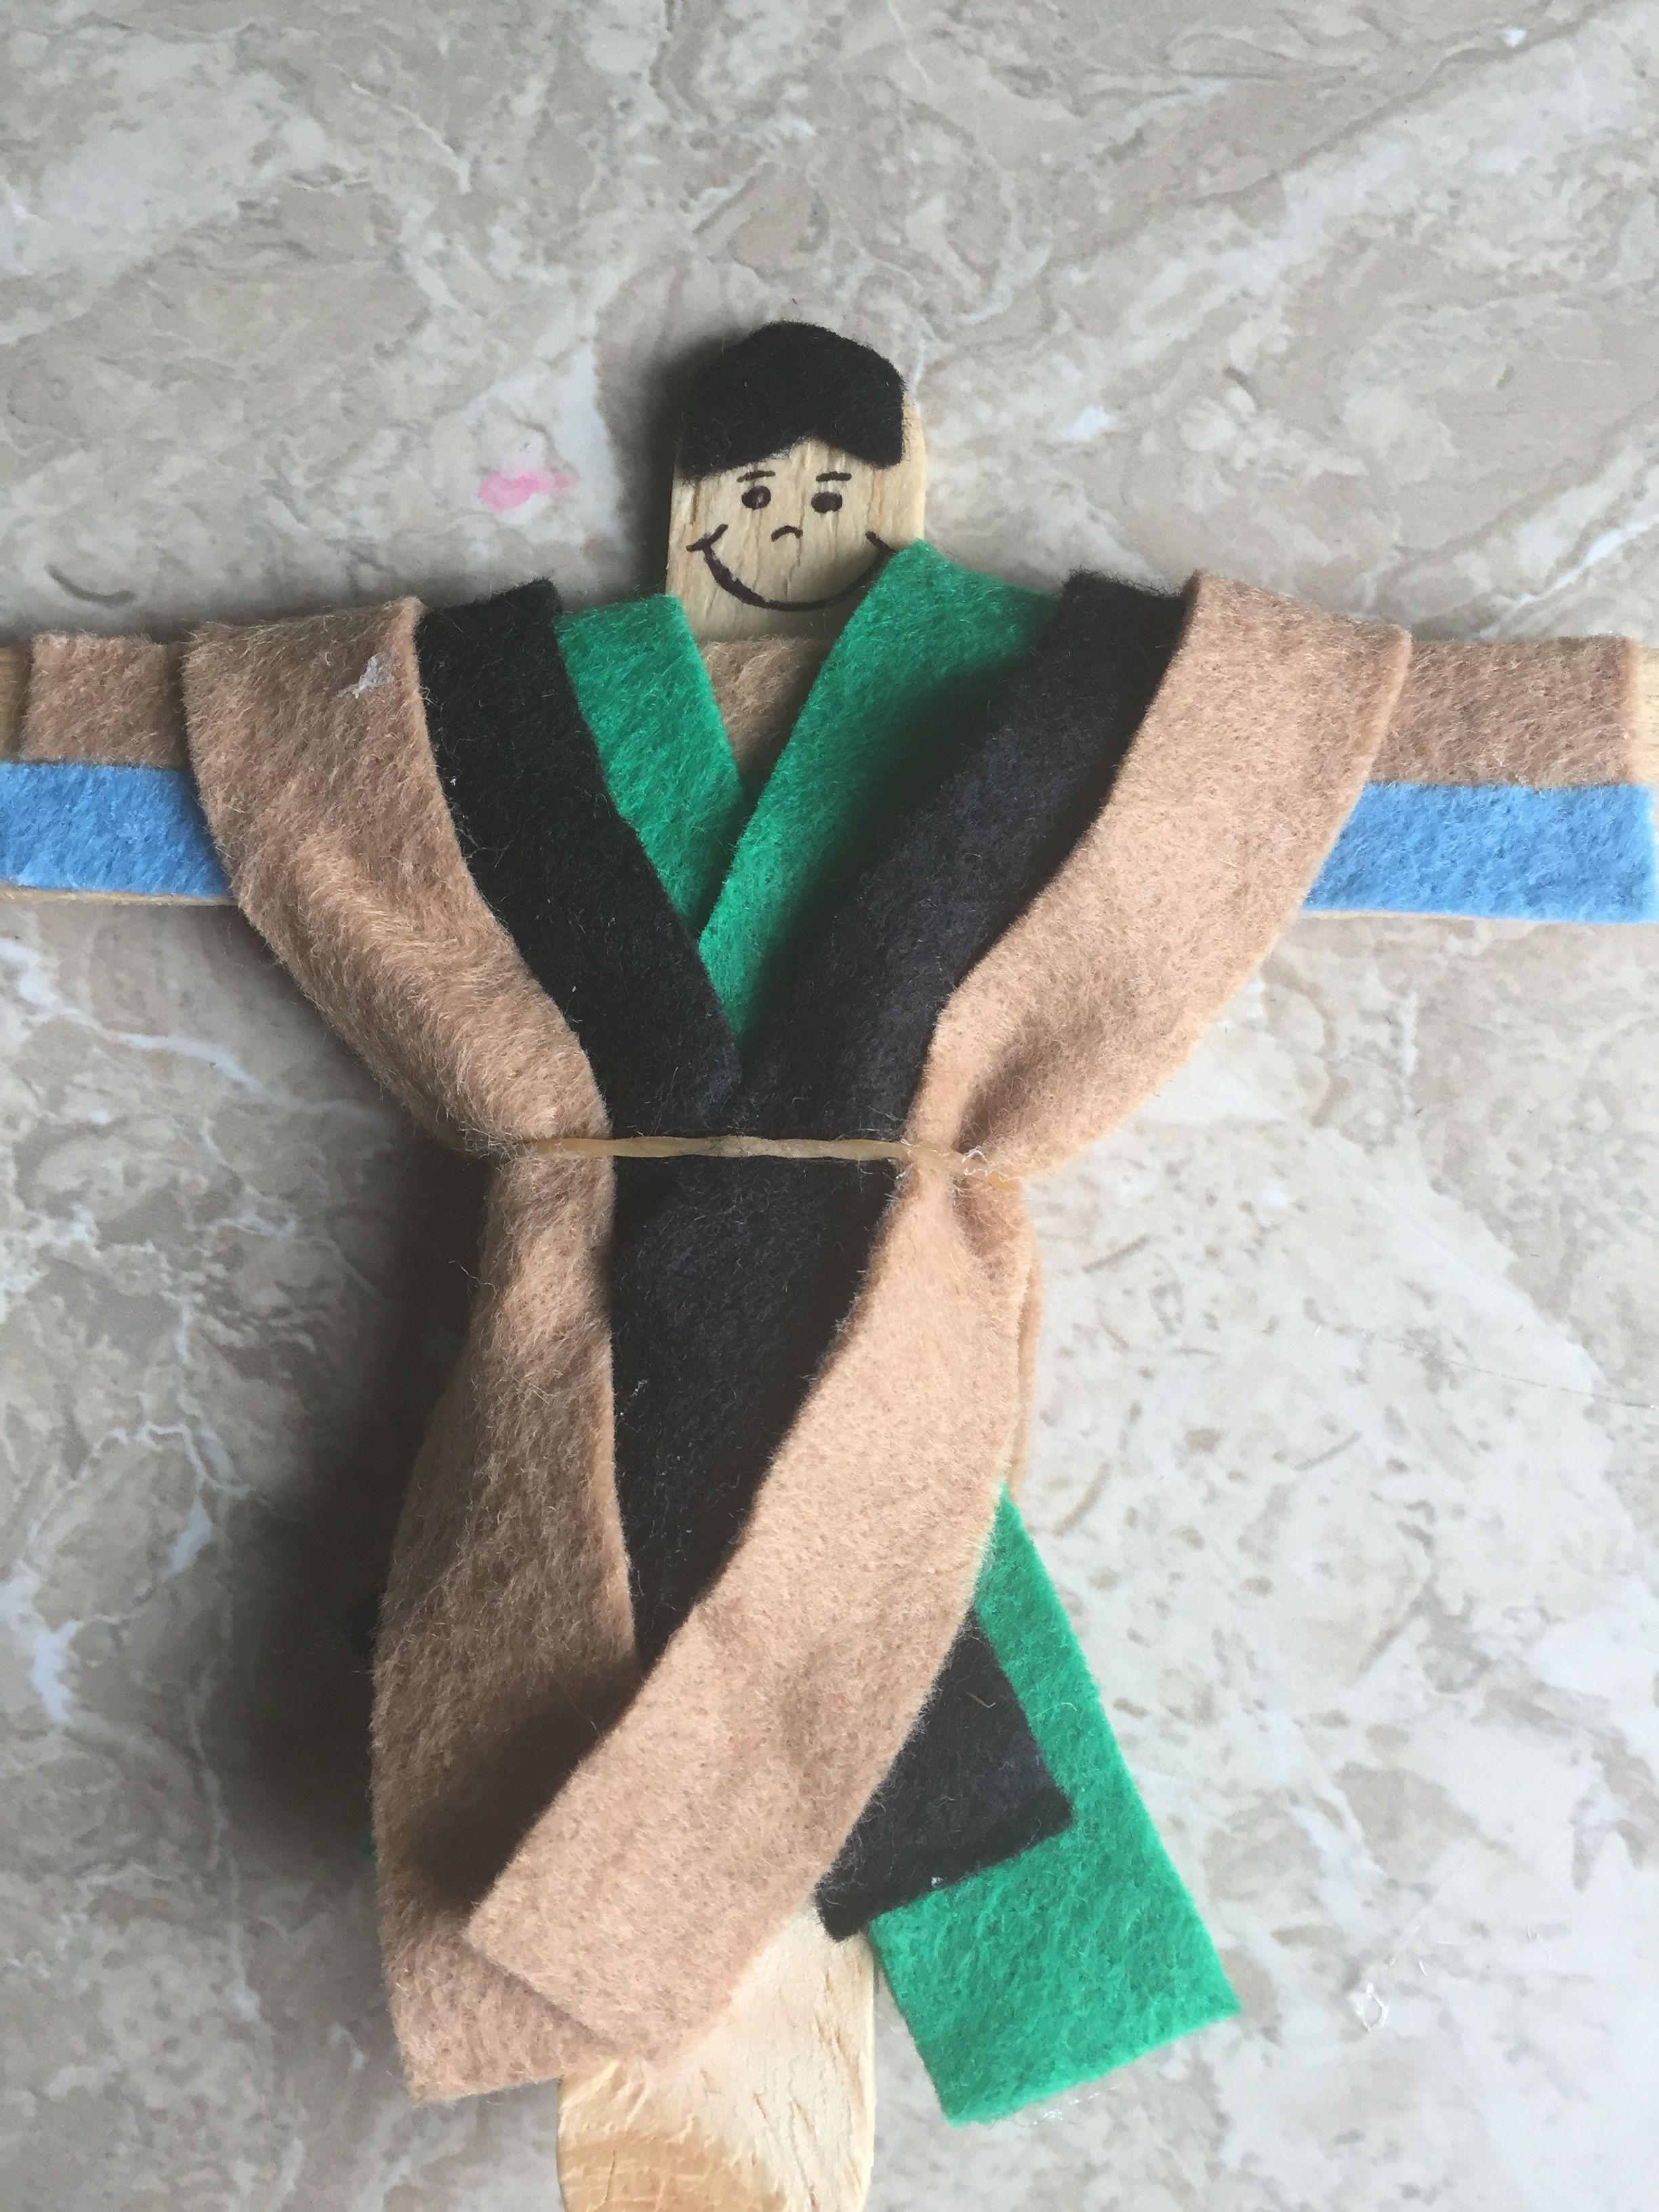 José el Soñador con su túnica de colores